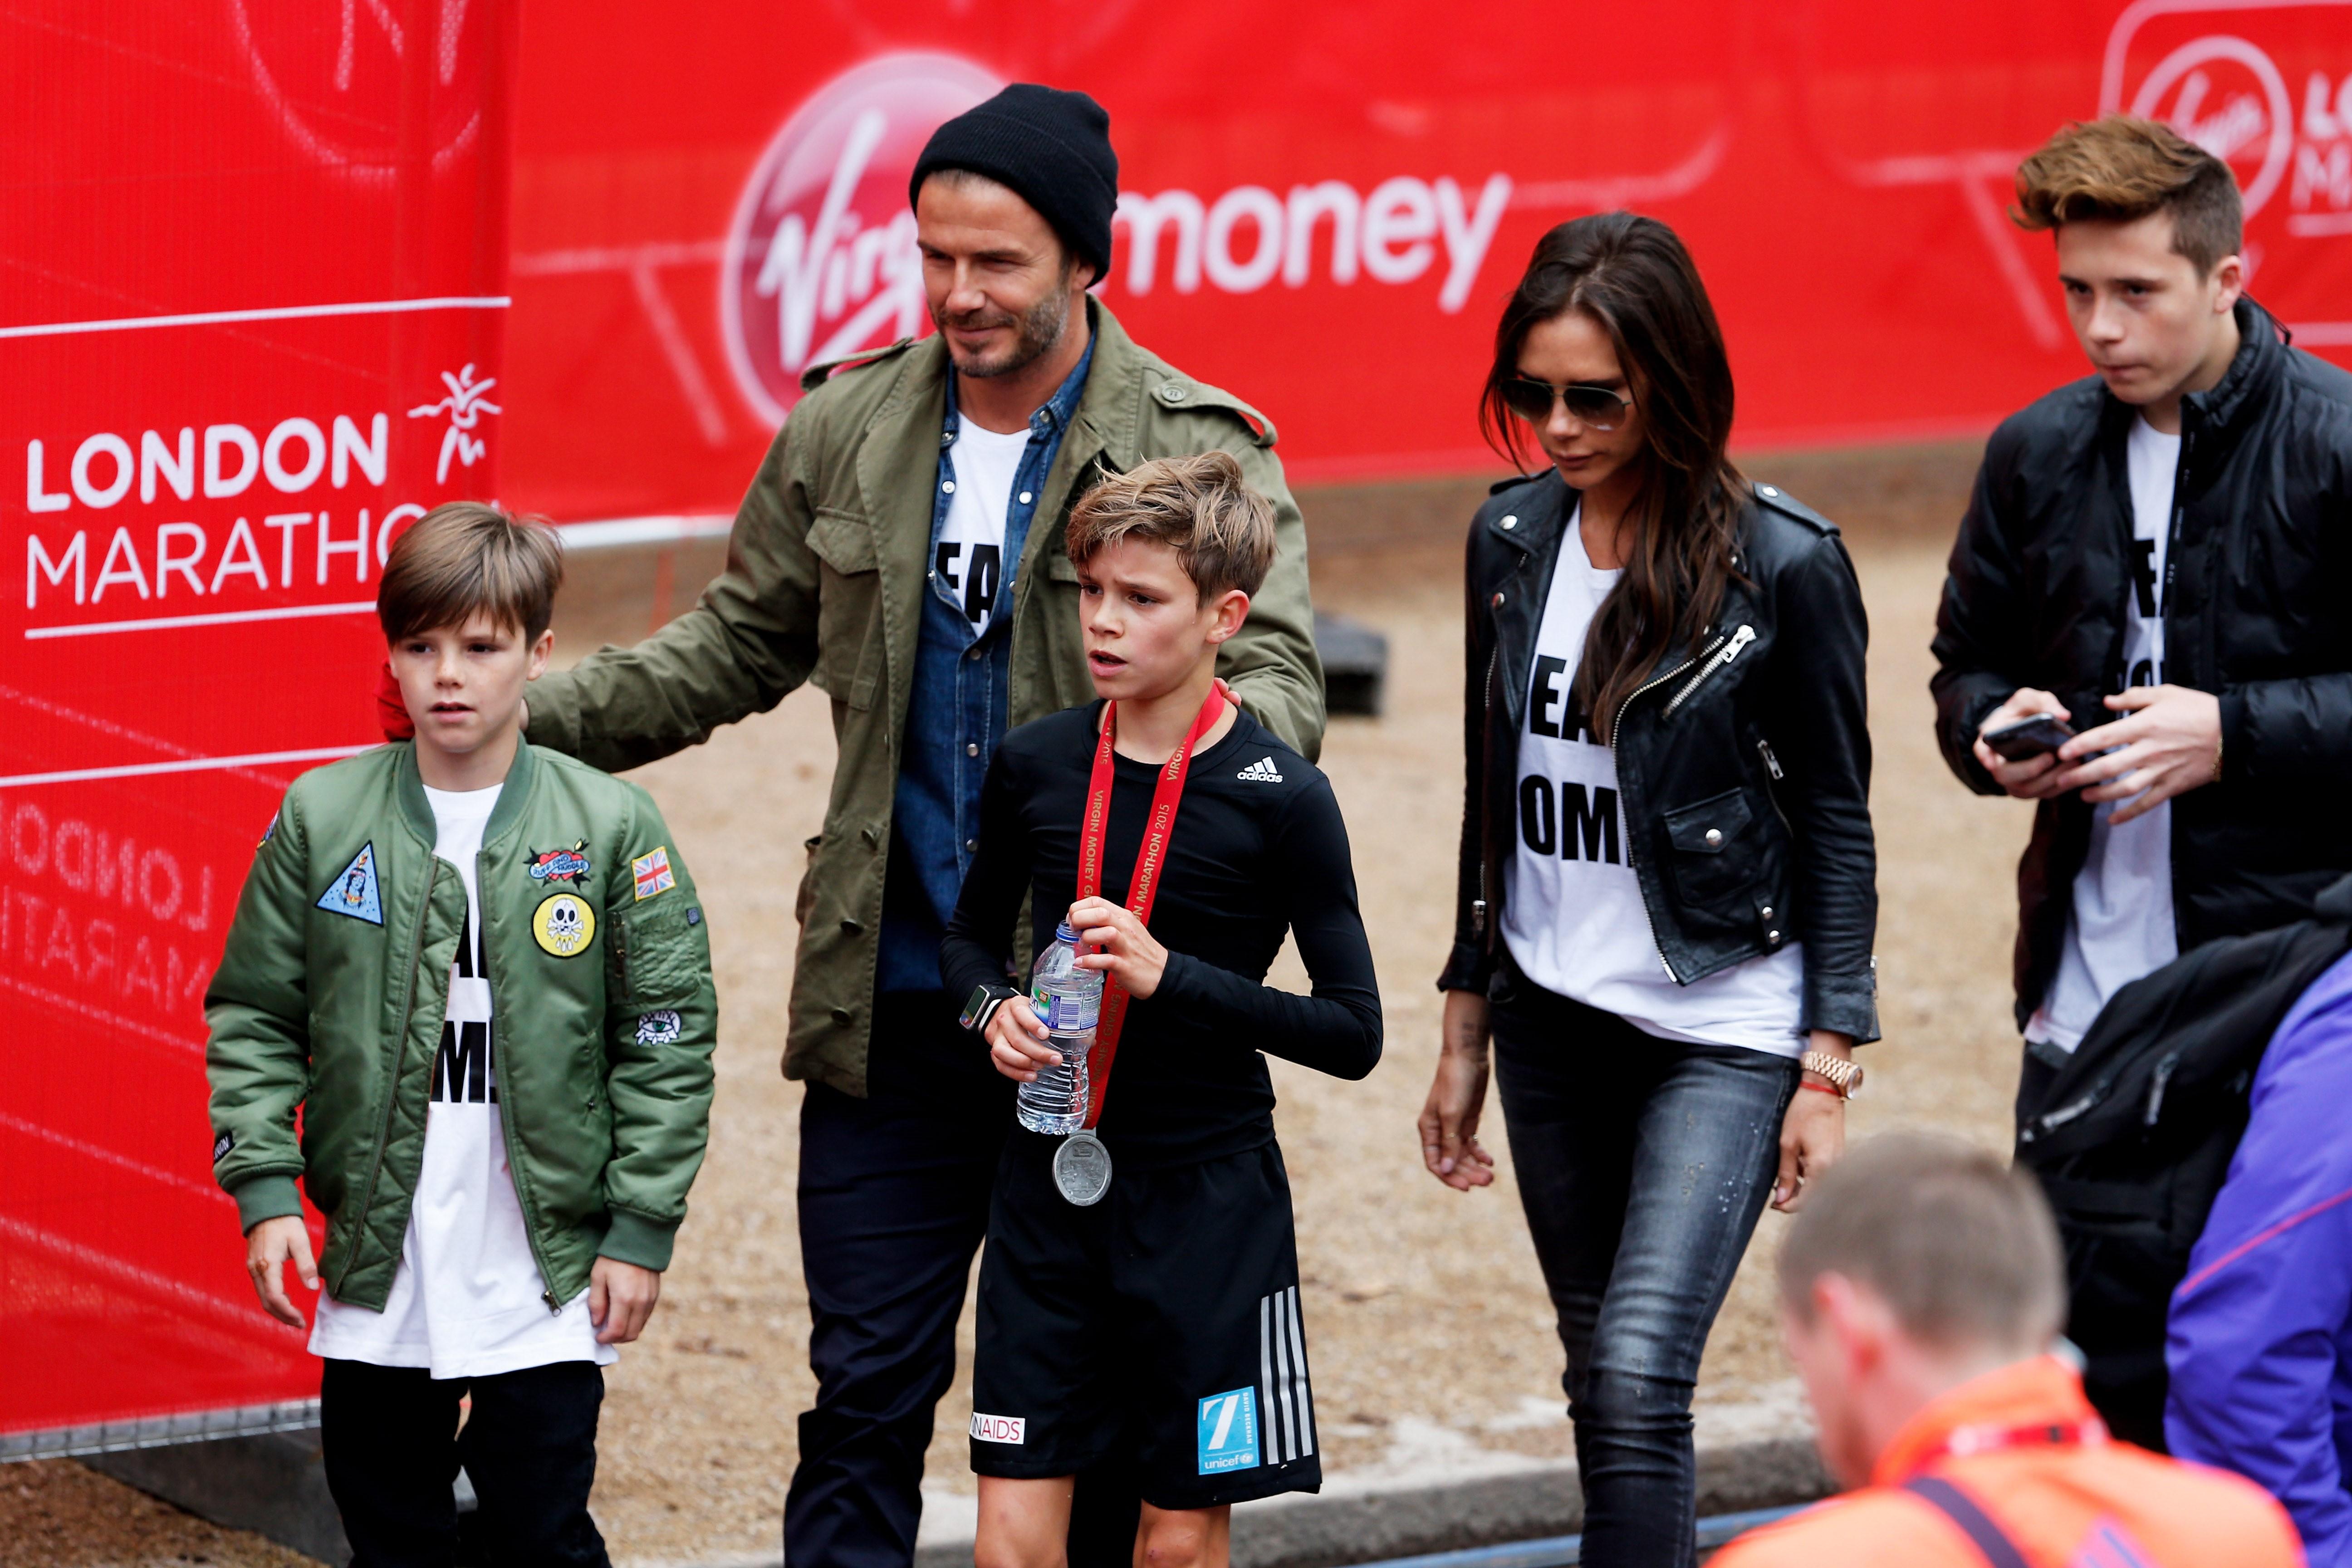 Дэвид Бекхэм, Виктория Бекхэм и их дети слева направо: Круз, Ромео и Бруклин